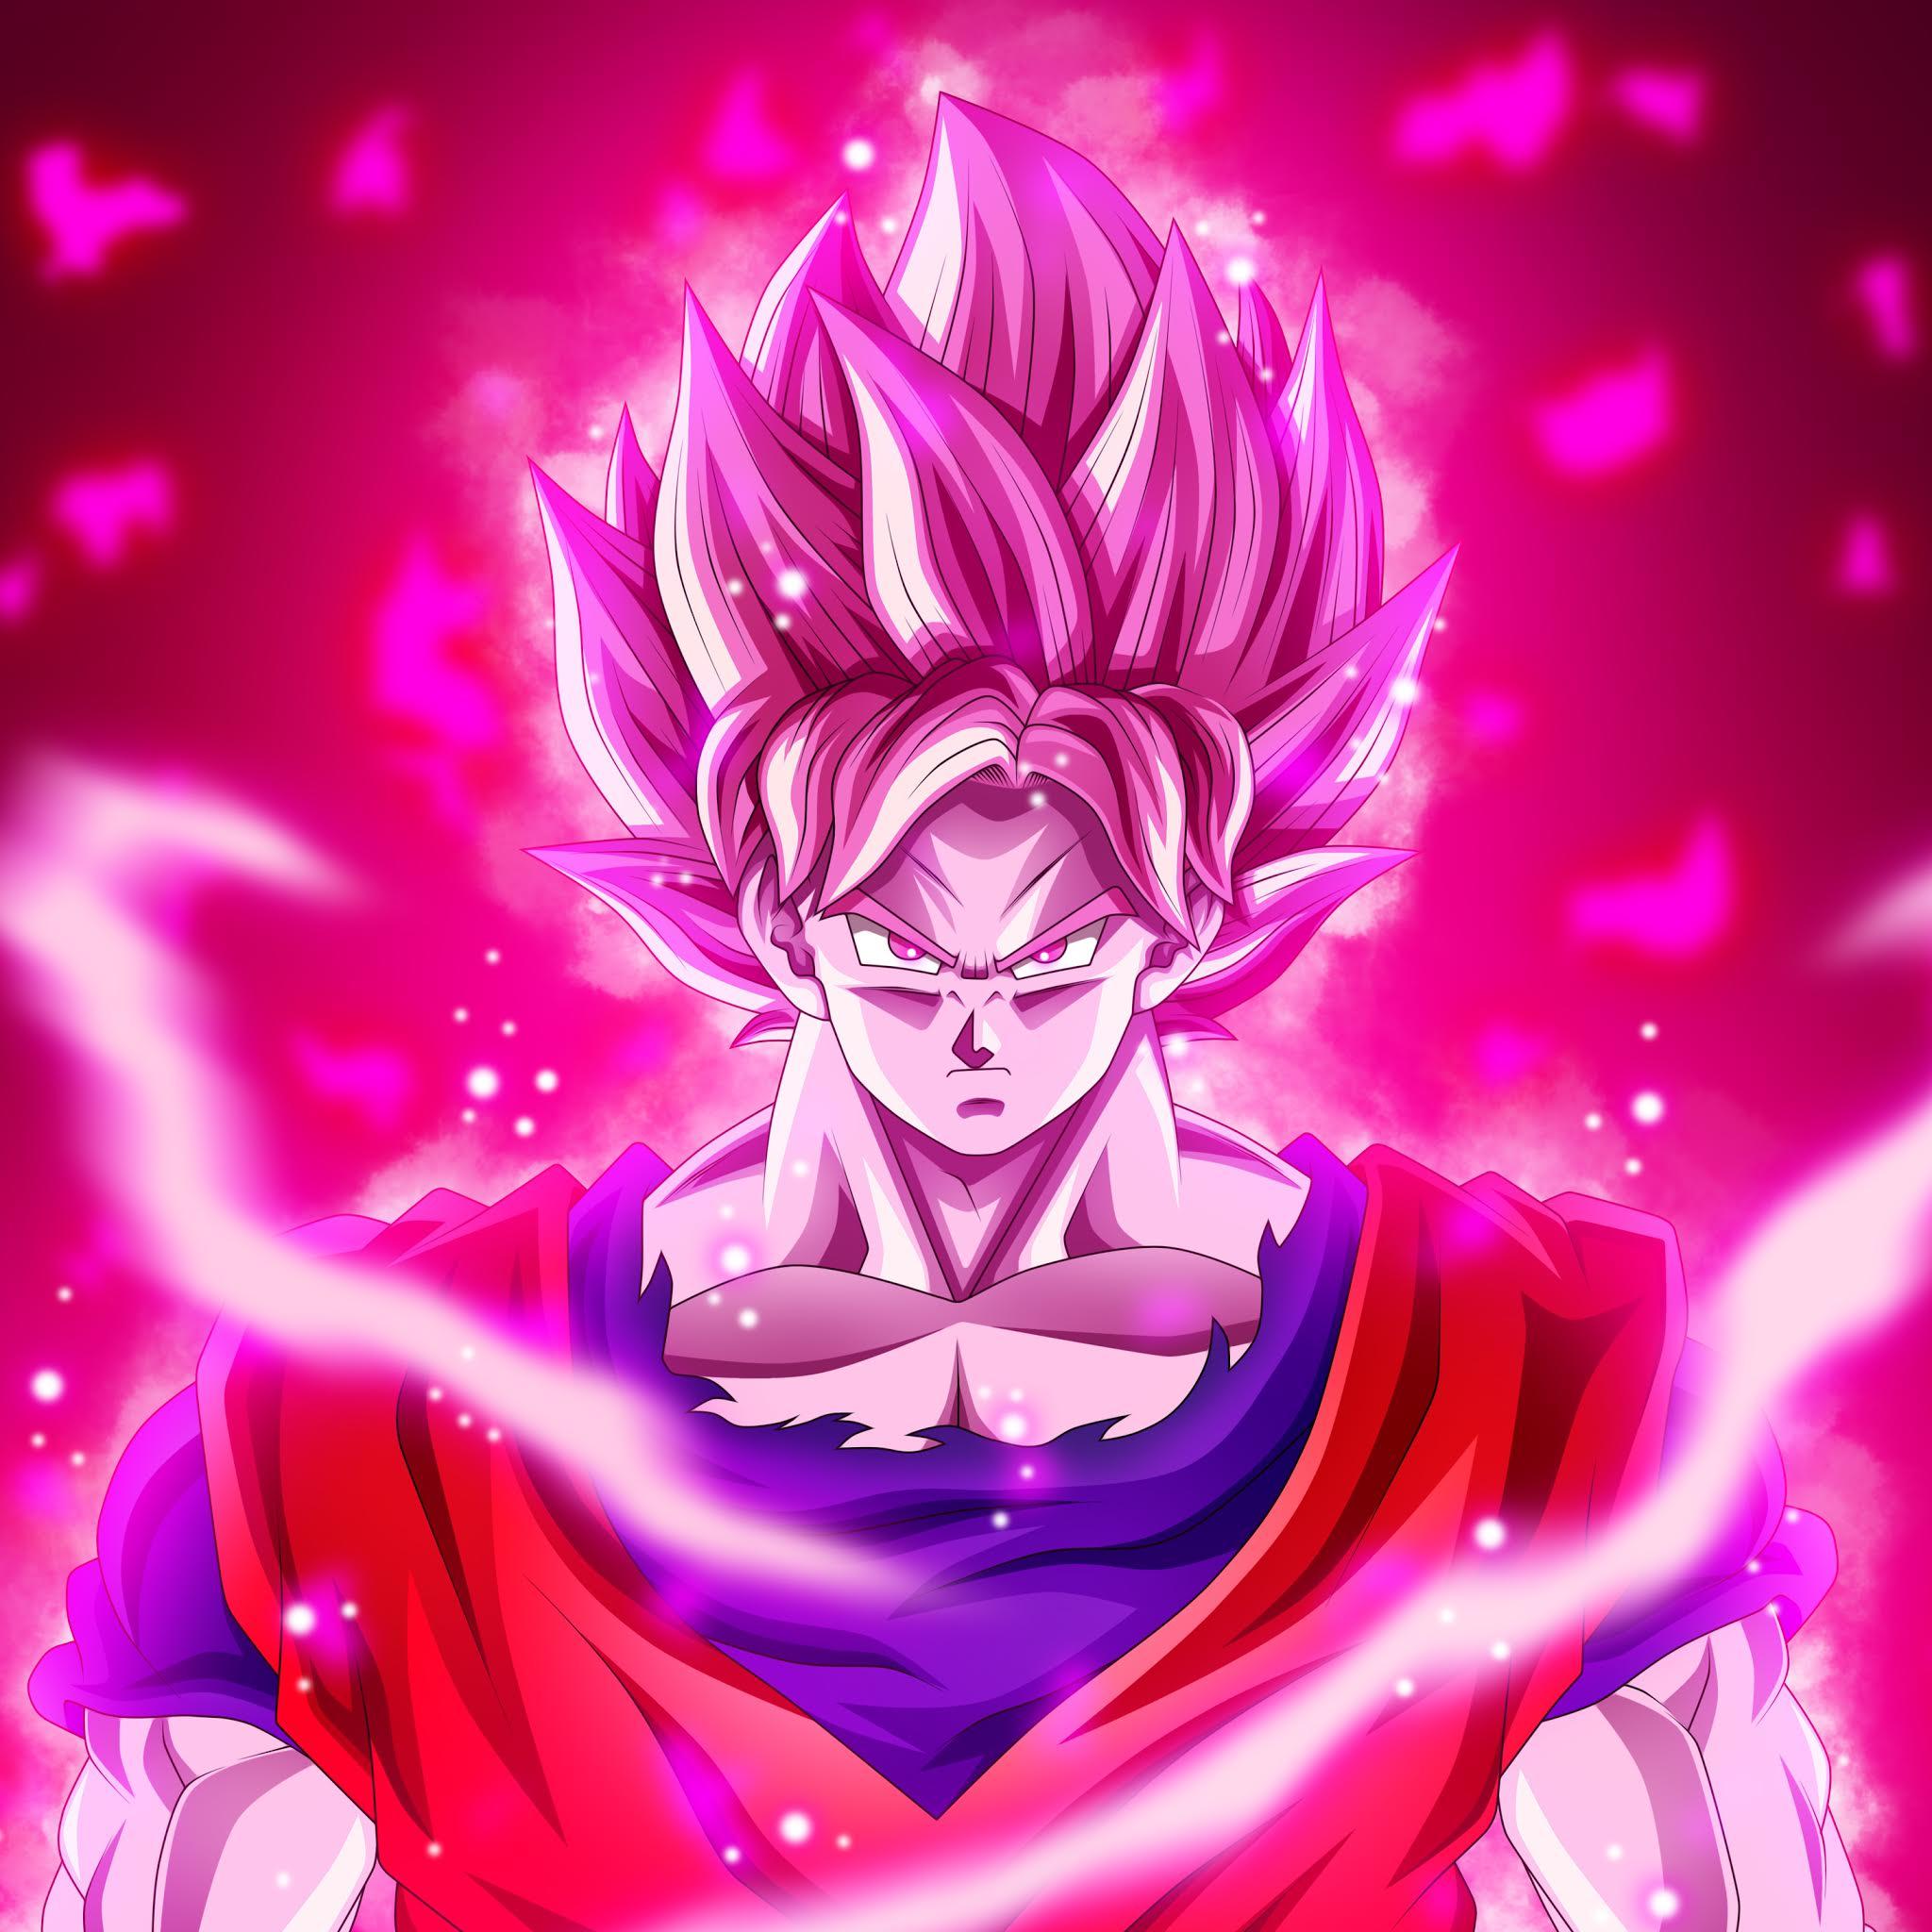 Goku Super Saiyan Blue Kaioken